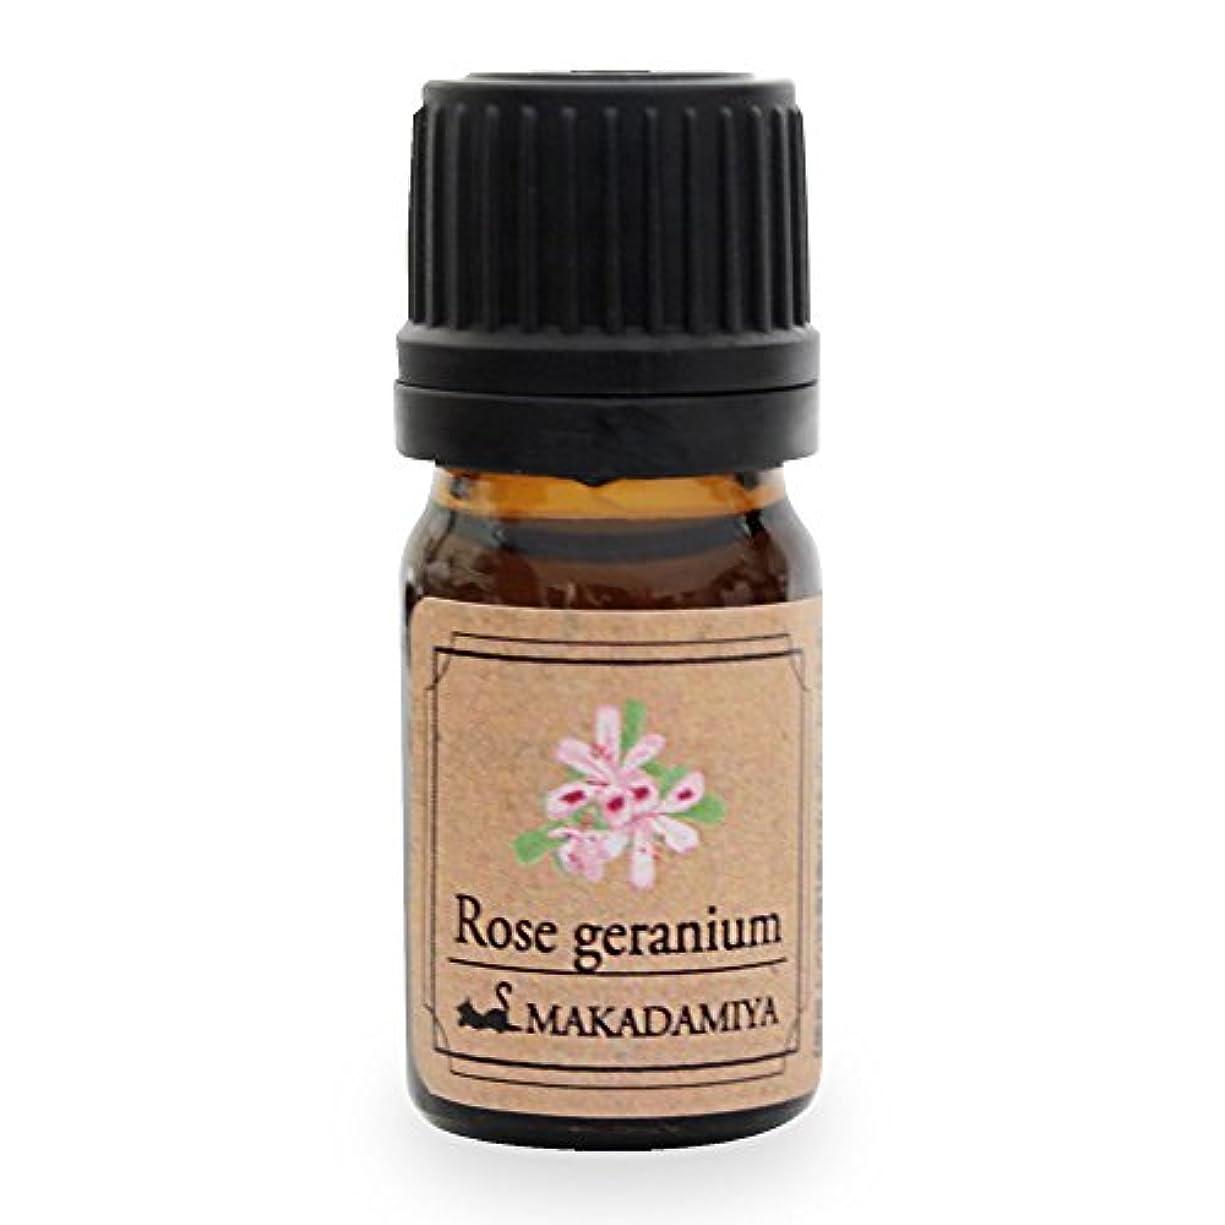 シール暗殺者アジャローズゼラニウム5ml 天然100%植物性 エッセンシャルオイル(精油) アロマオイル アロママッサージ aroma Rose Geranium